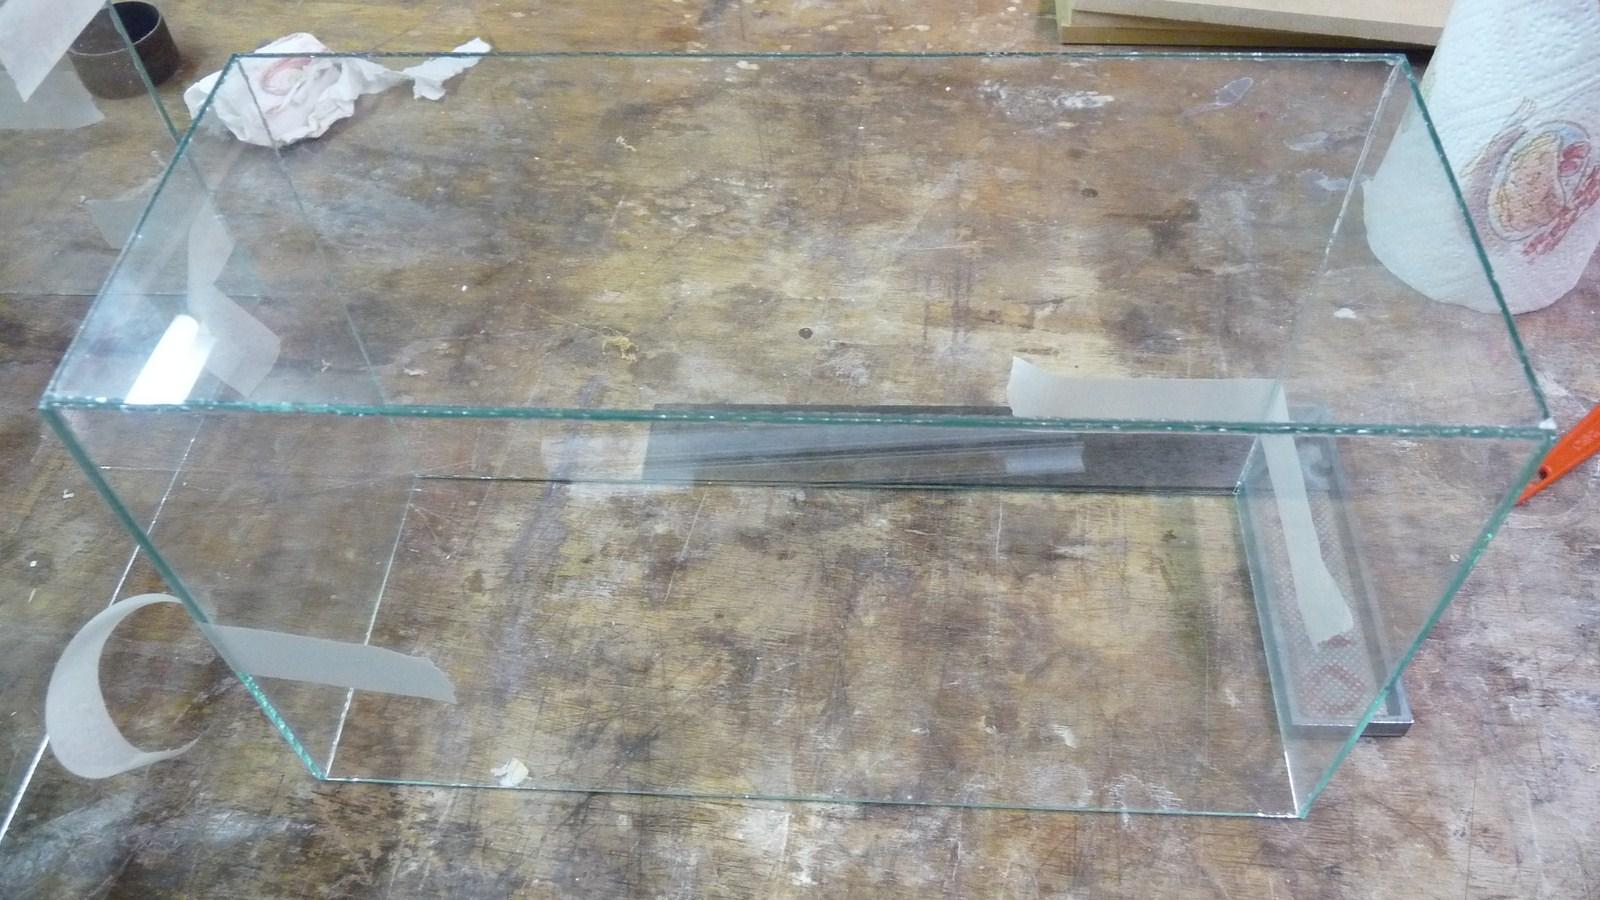 fabriquer une vitrine - Fabriquer ses propres vitrines en verre 17071907264223134915156548